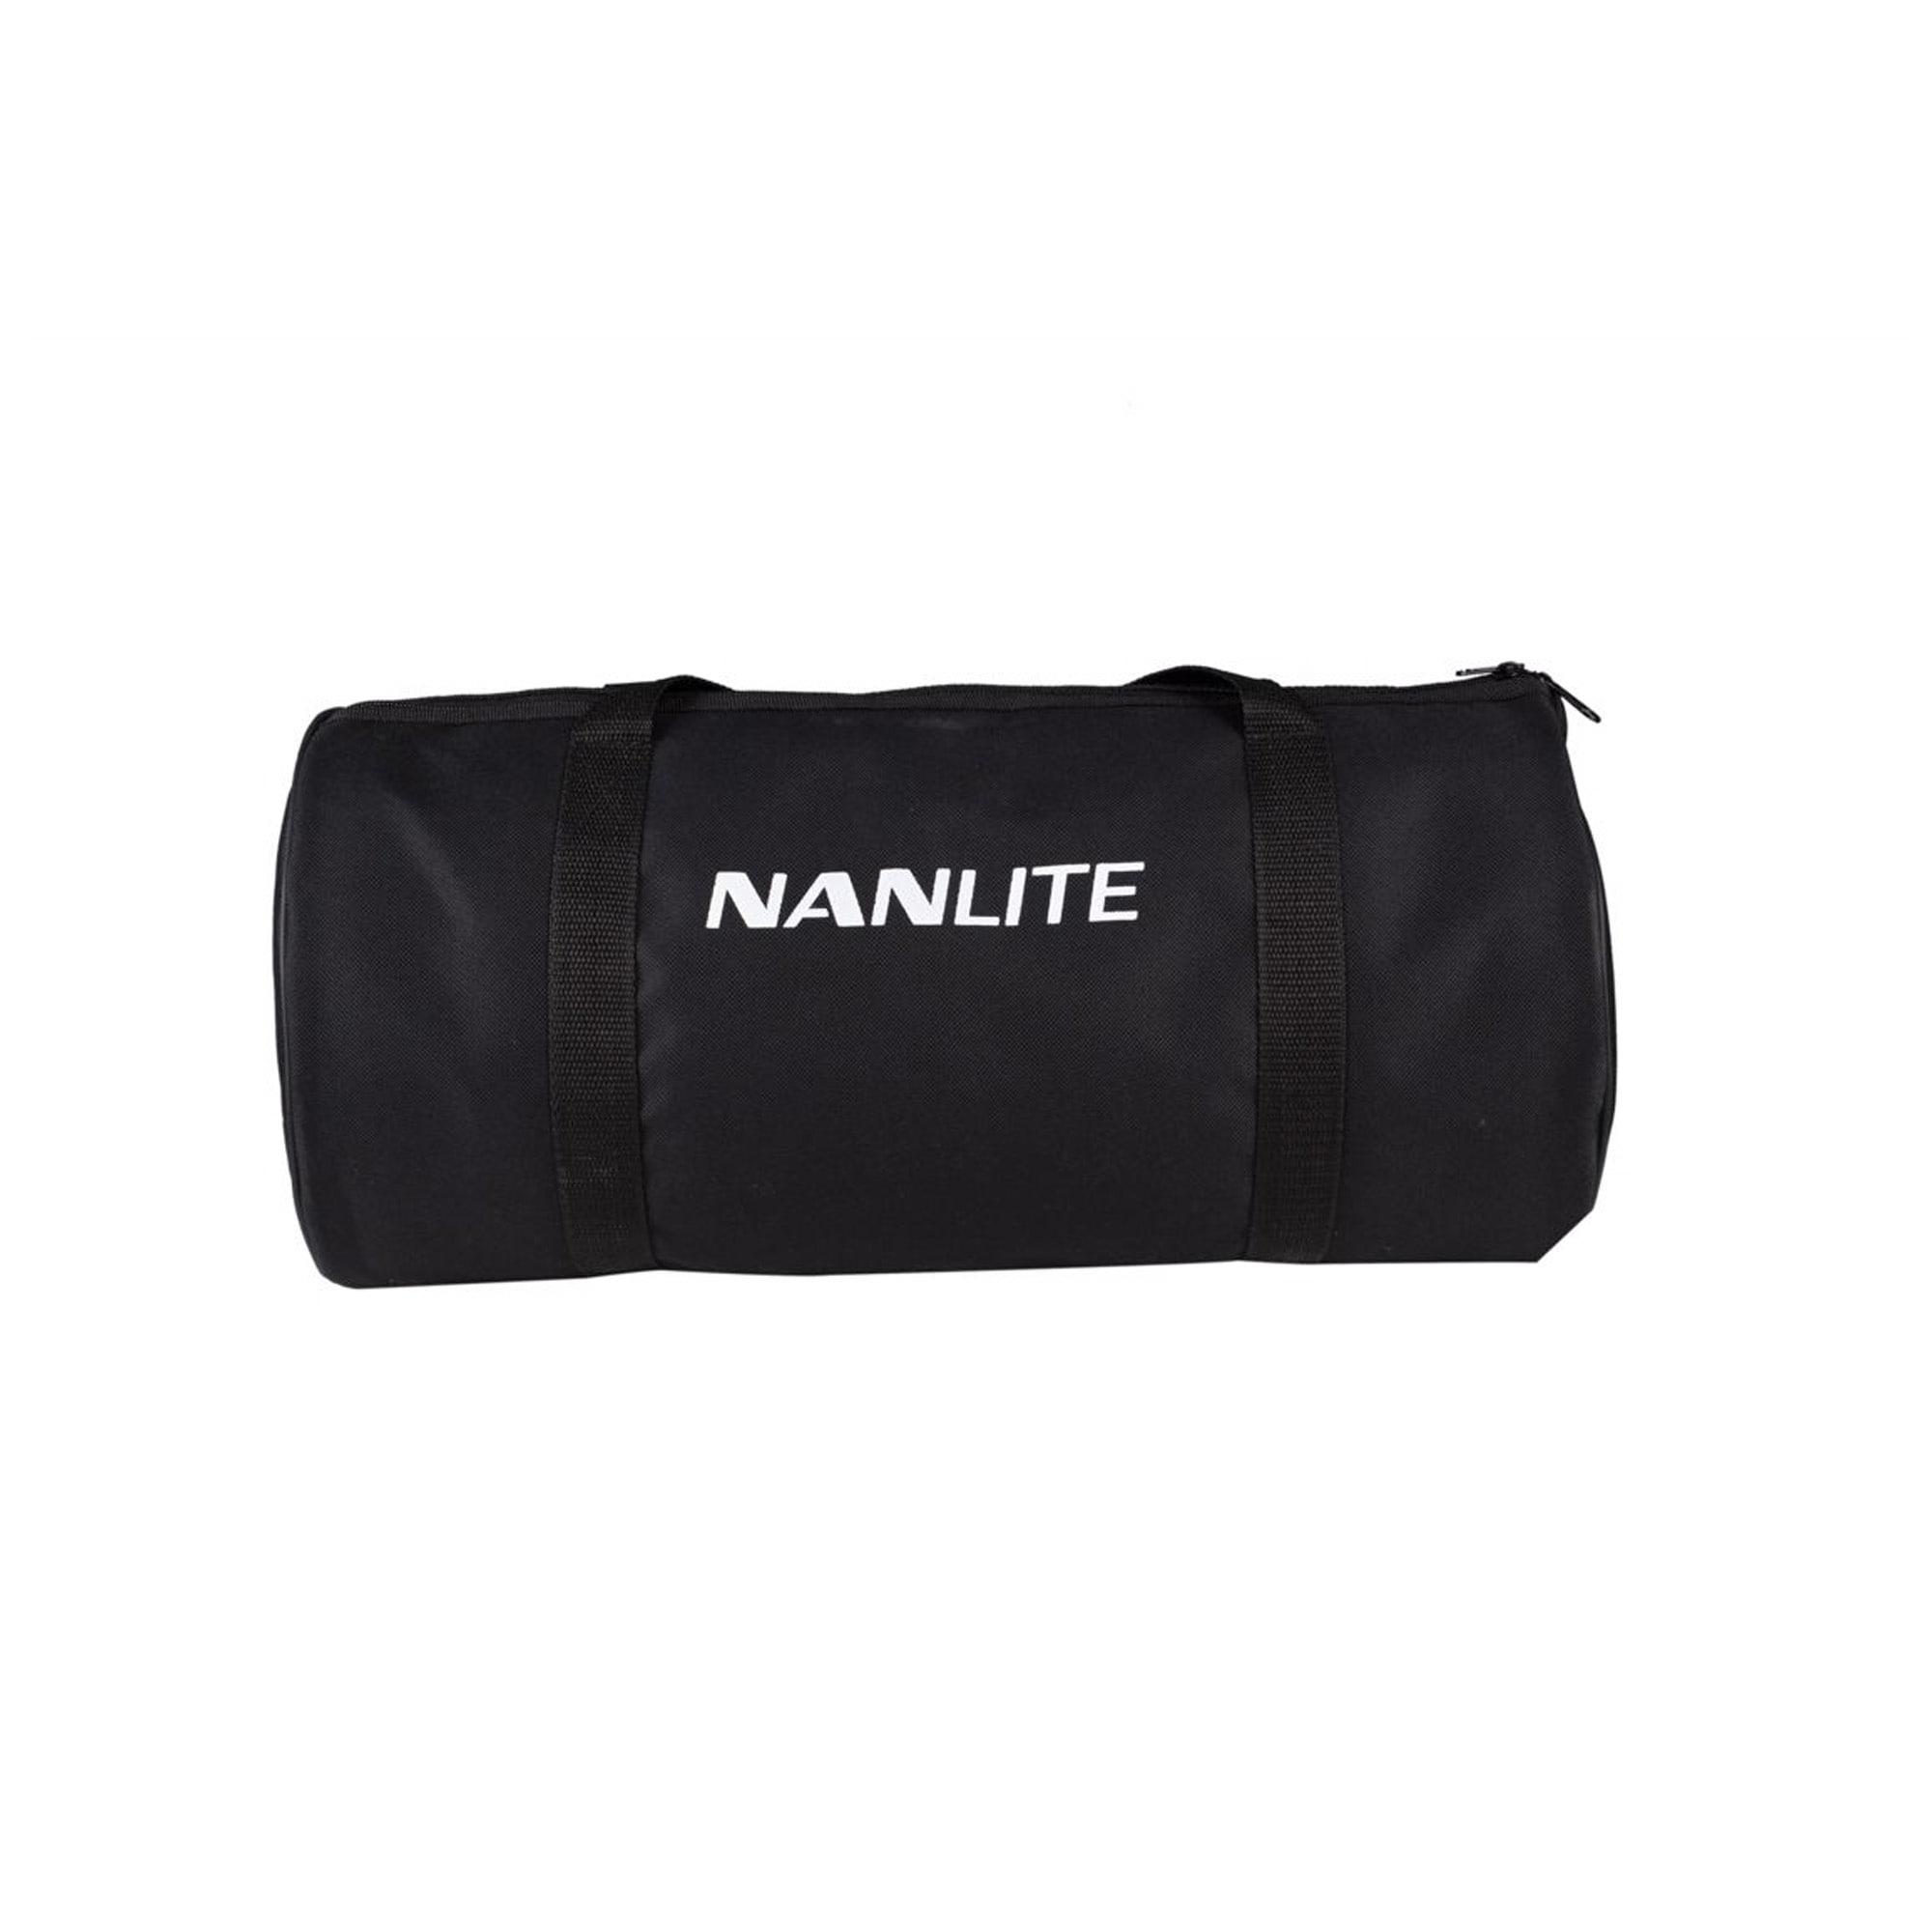 Nanlite Parabolic Softbox För Forza 60